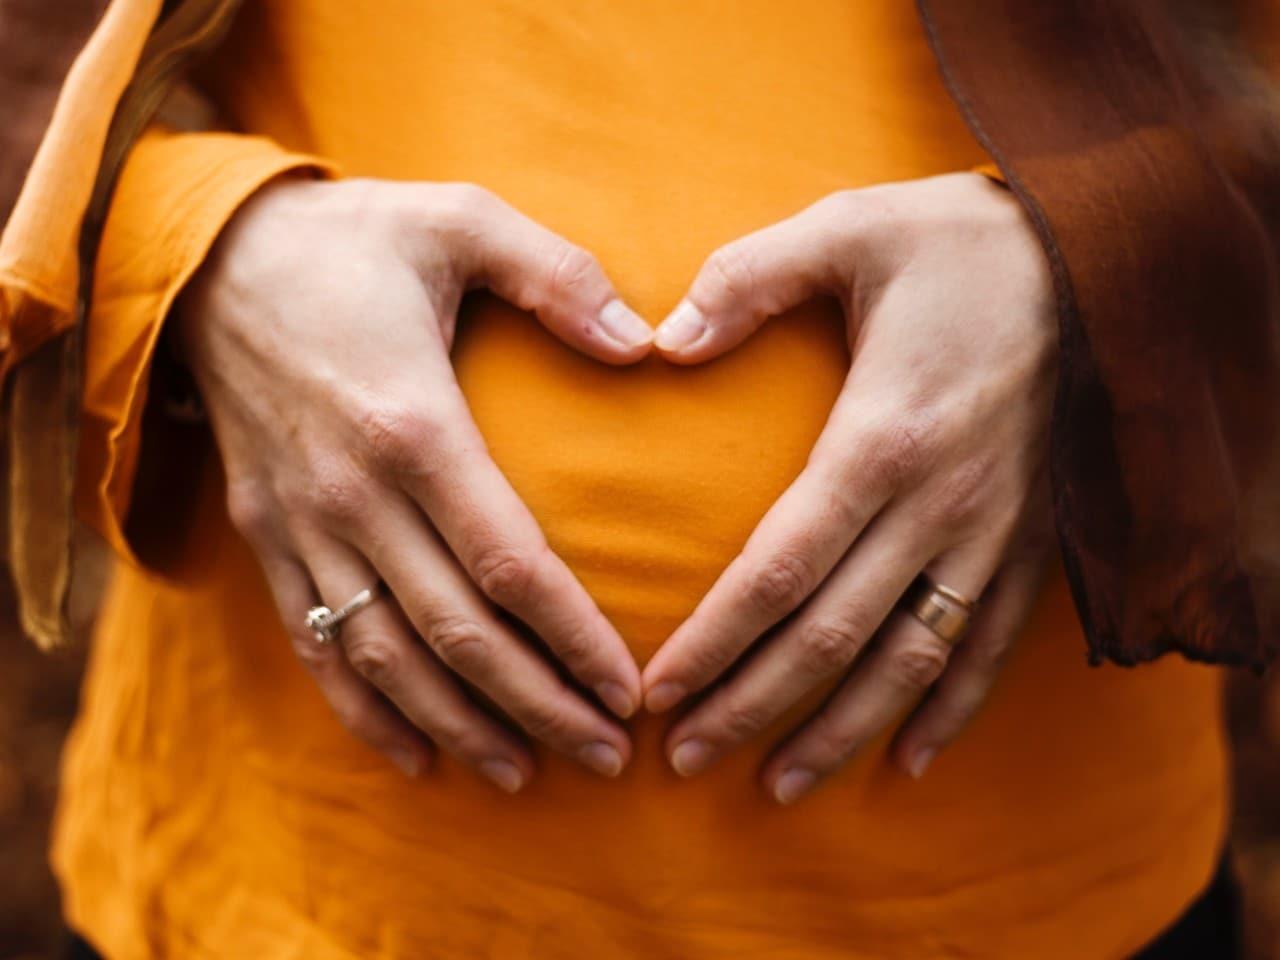 Salud reproductiva, definición